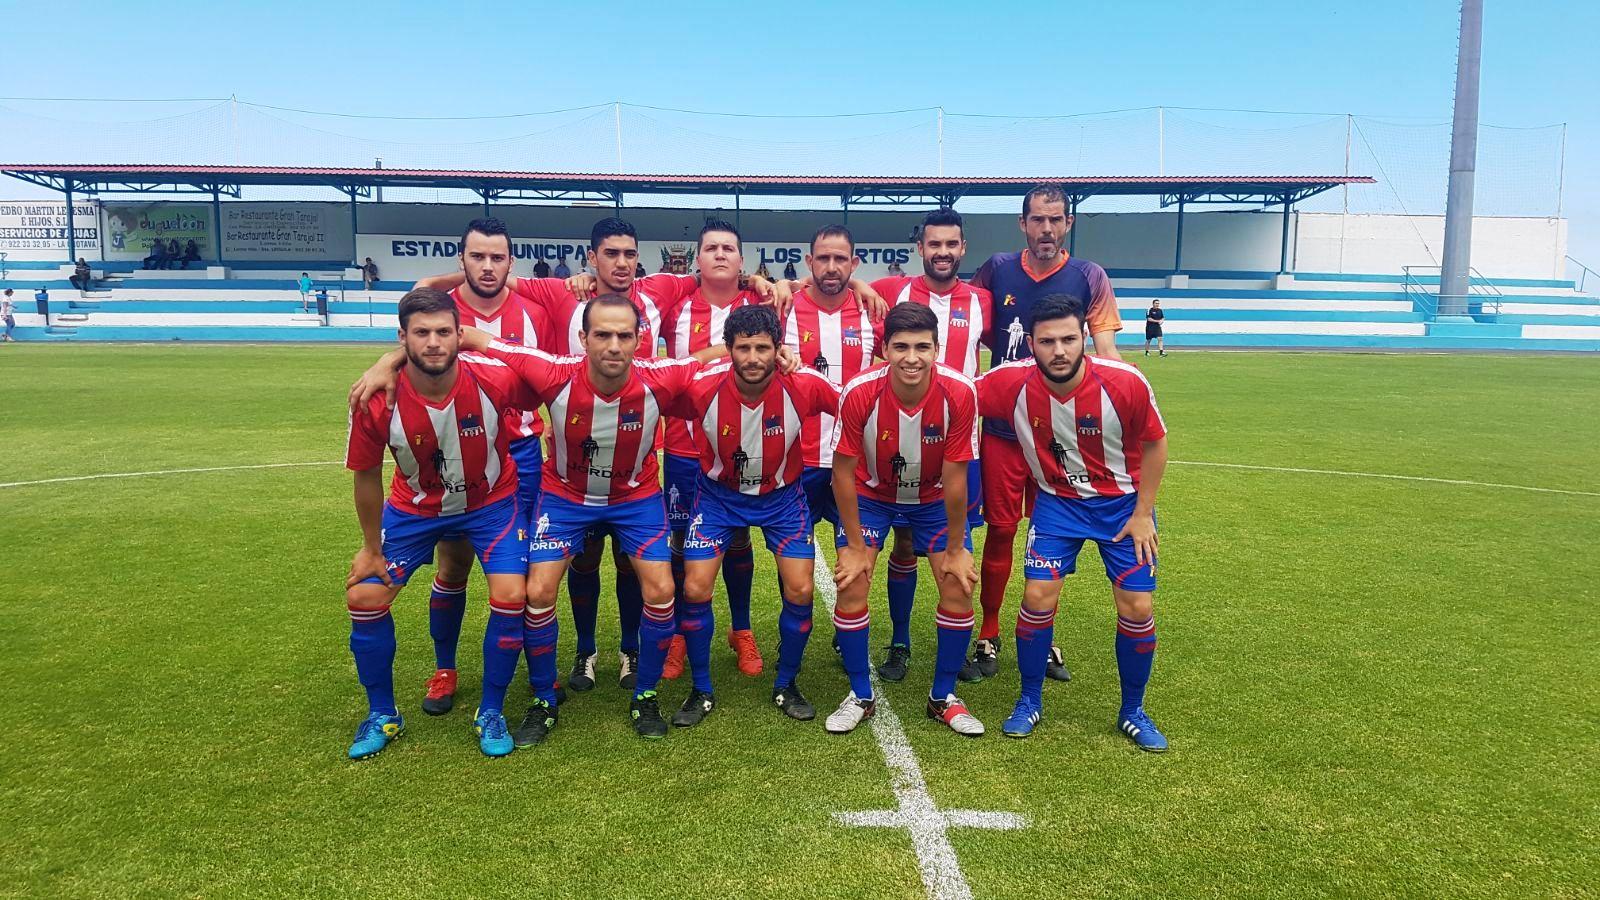 Equipo de fútbol UDV Frontera